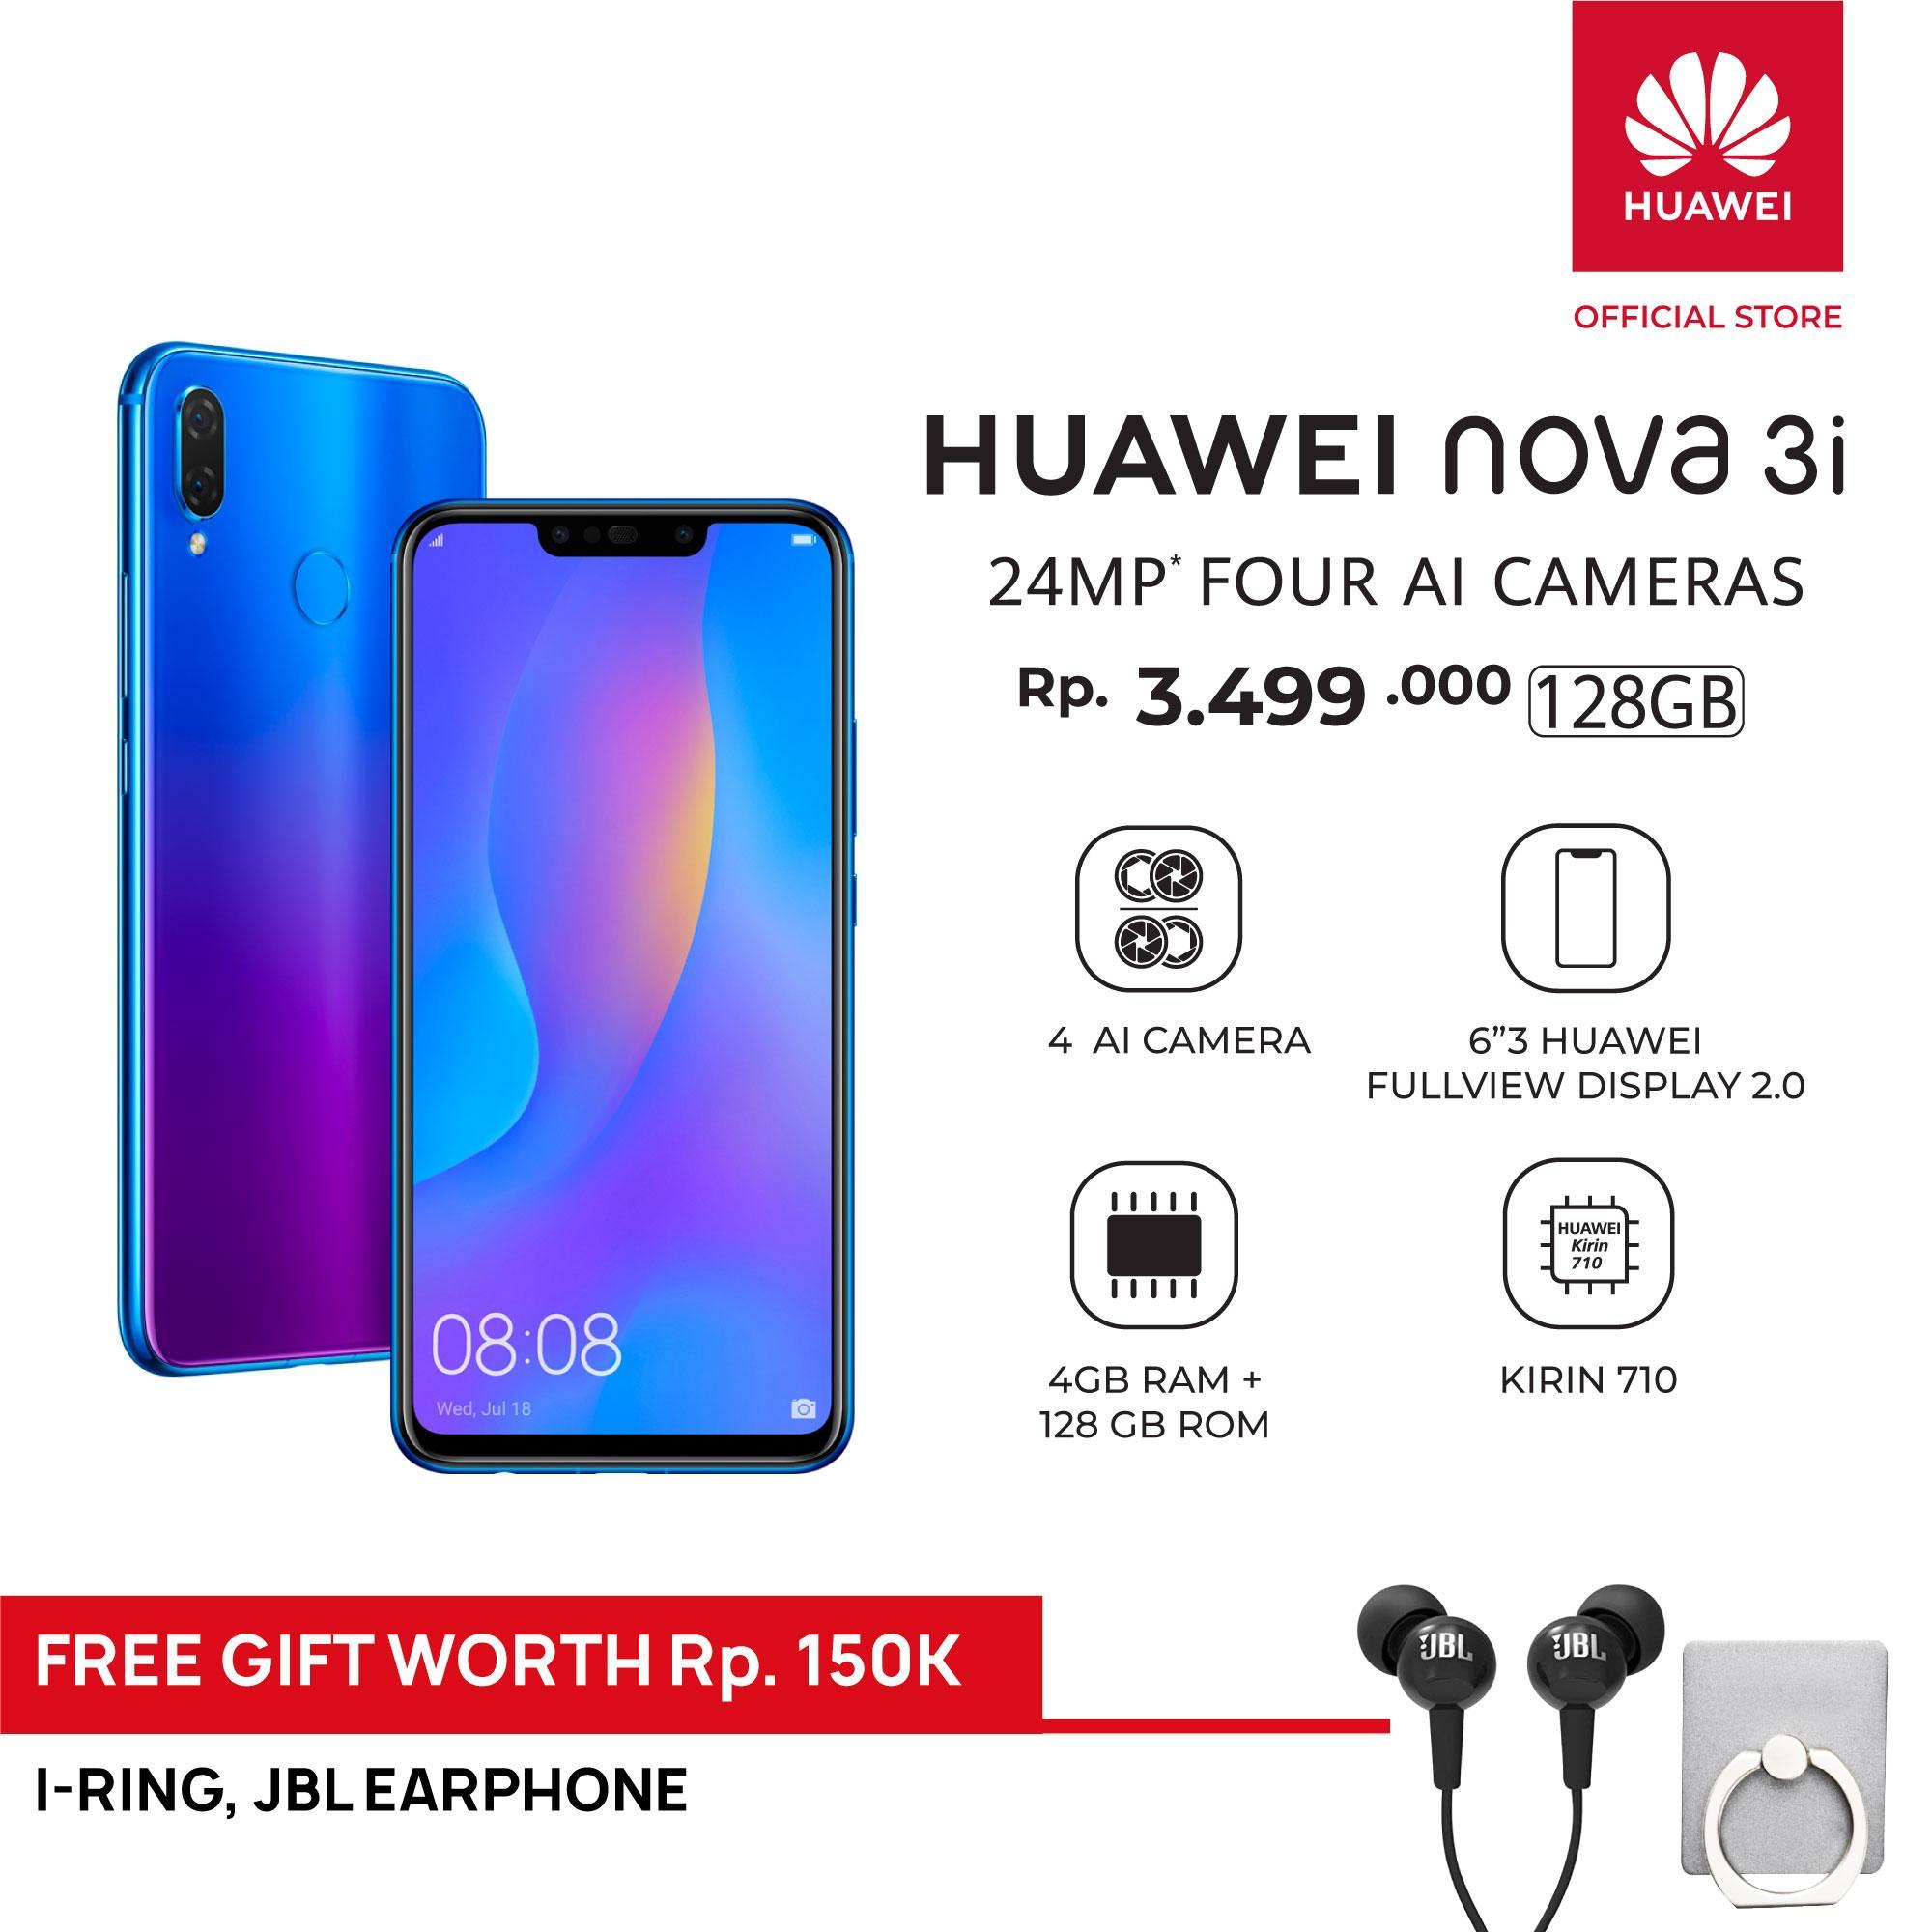 Huawei Nova 3i 4GB/128GB Free JBL Earphone & I-ring